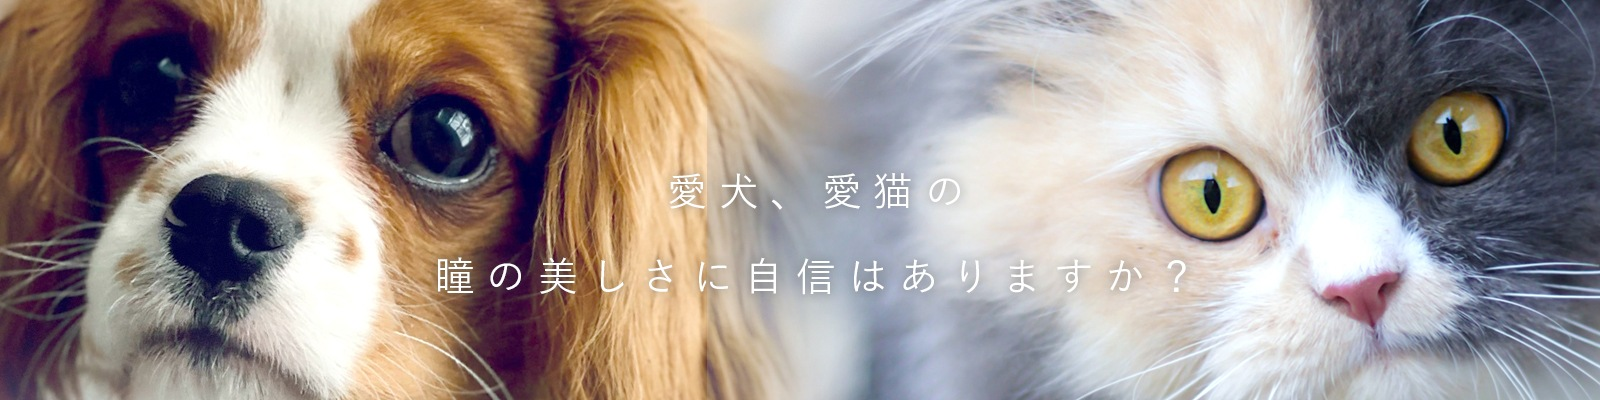 愛犬、愛猫の瞳の美しさに自信はありますか?